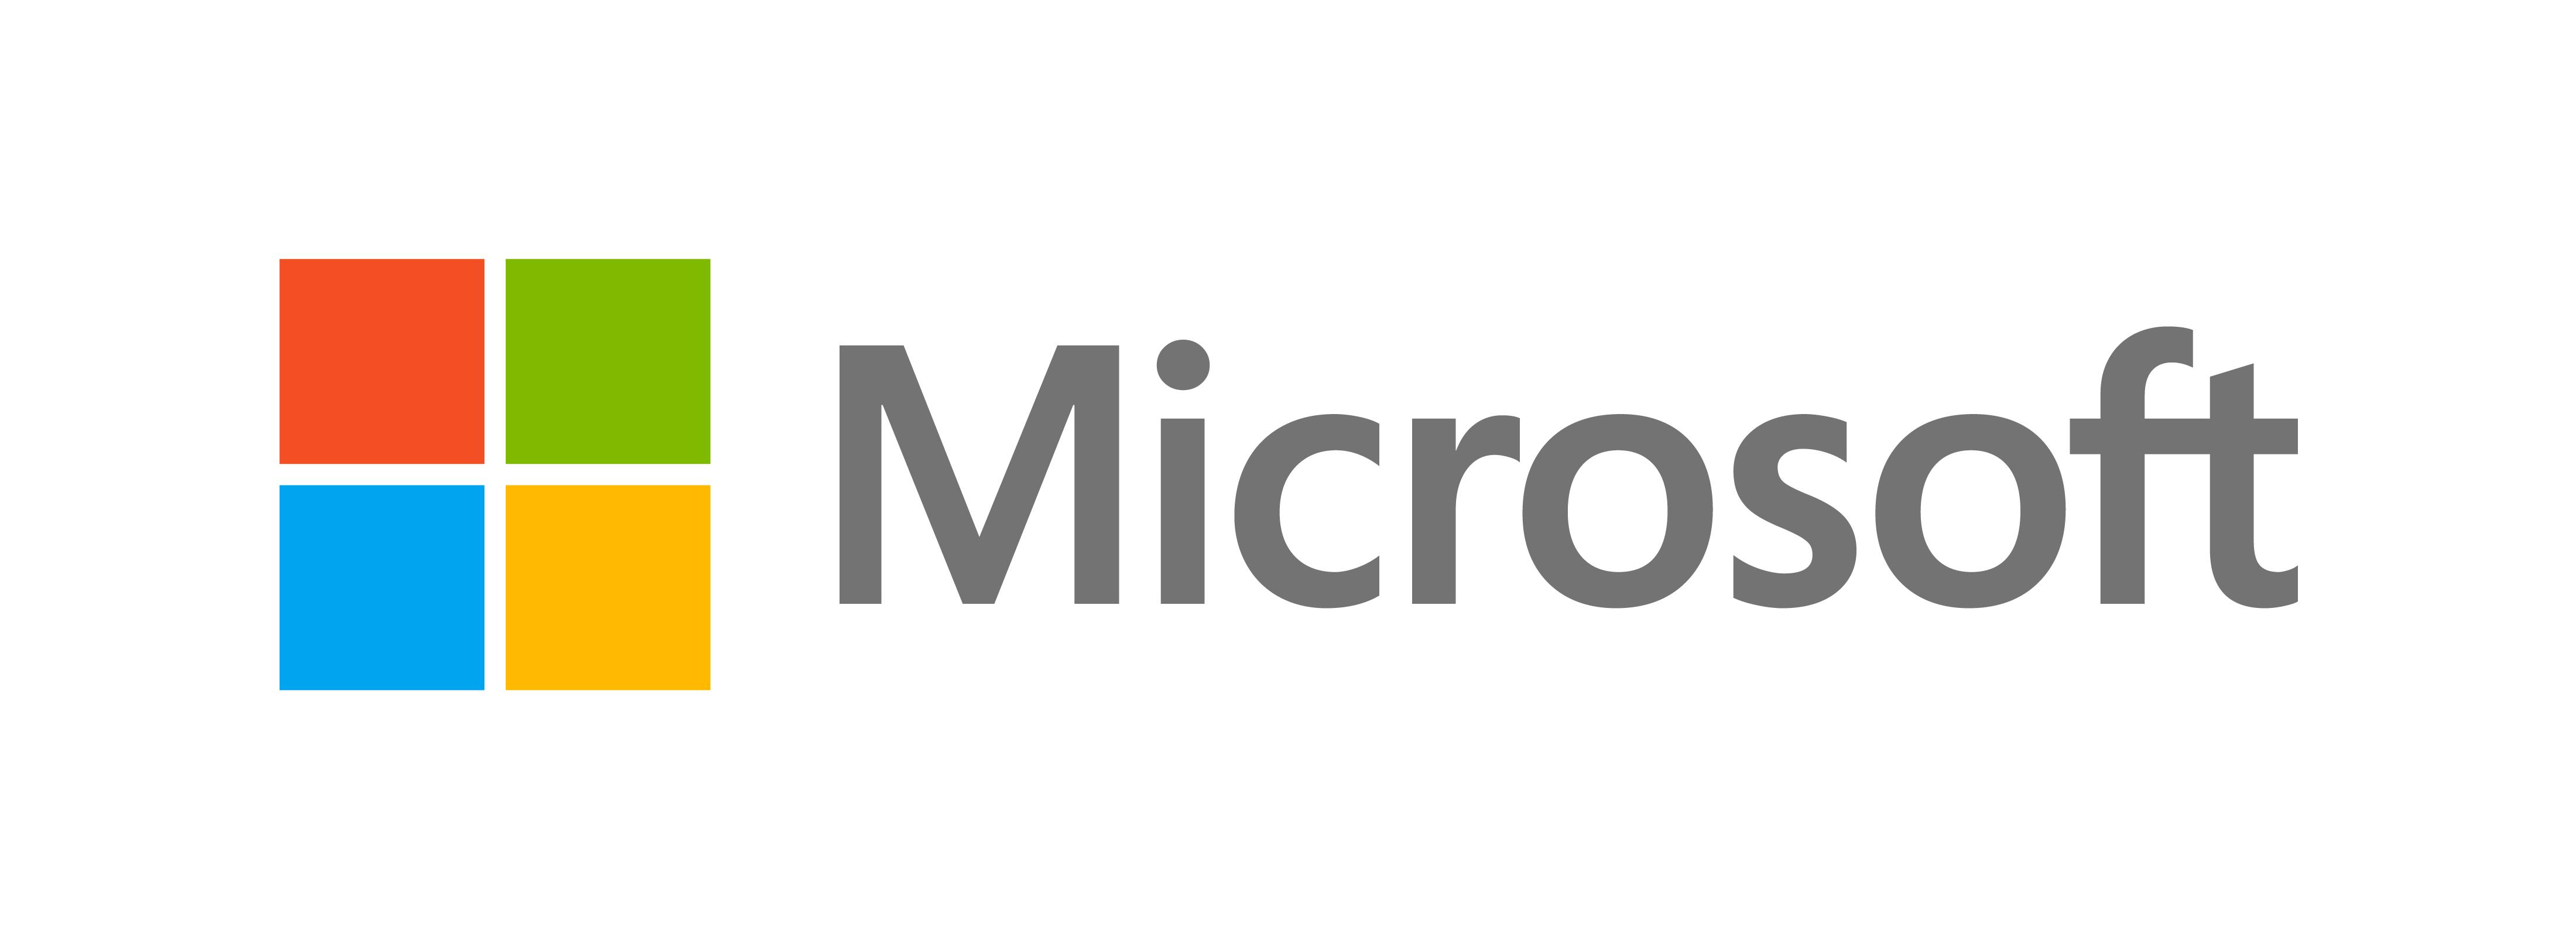 Microsoft Teams, cel mai nou spațiu de lucru virtual bazat pe chat, disponibil la nivel global pentru clienții Office 365